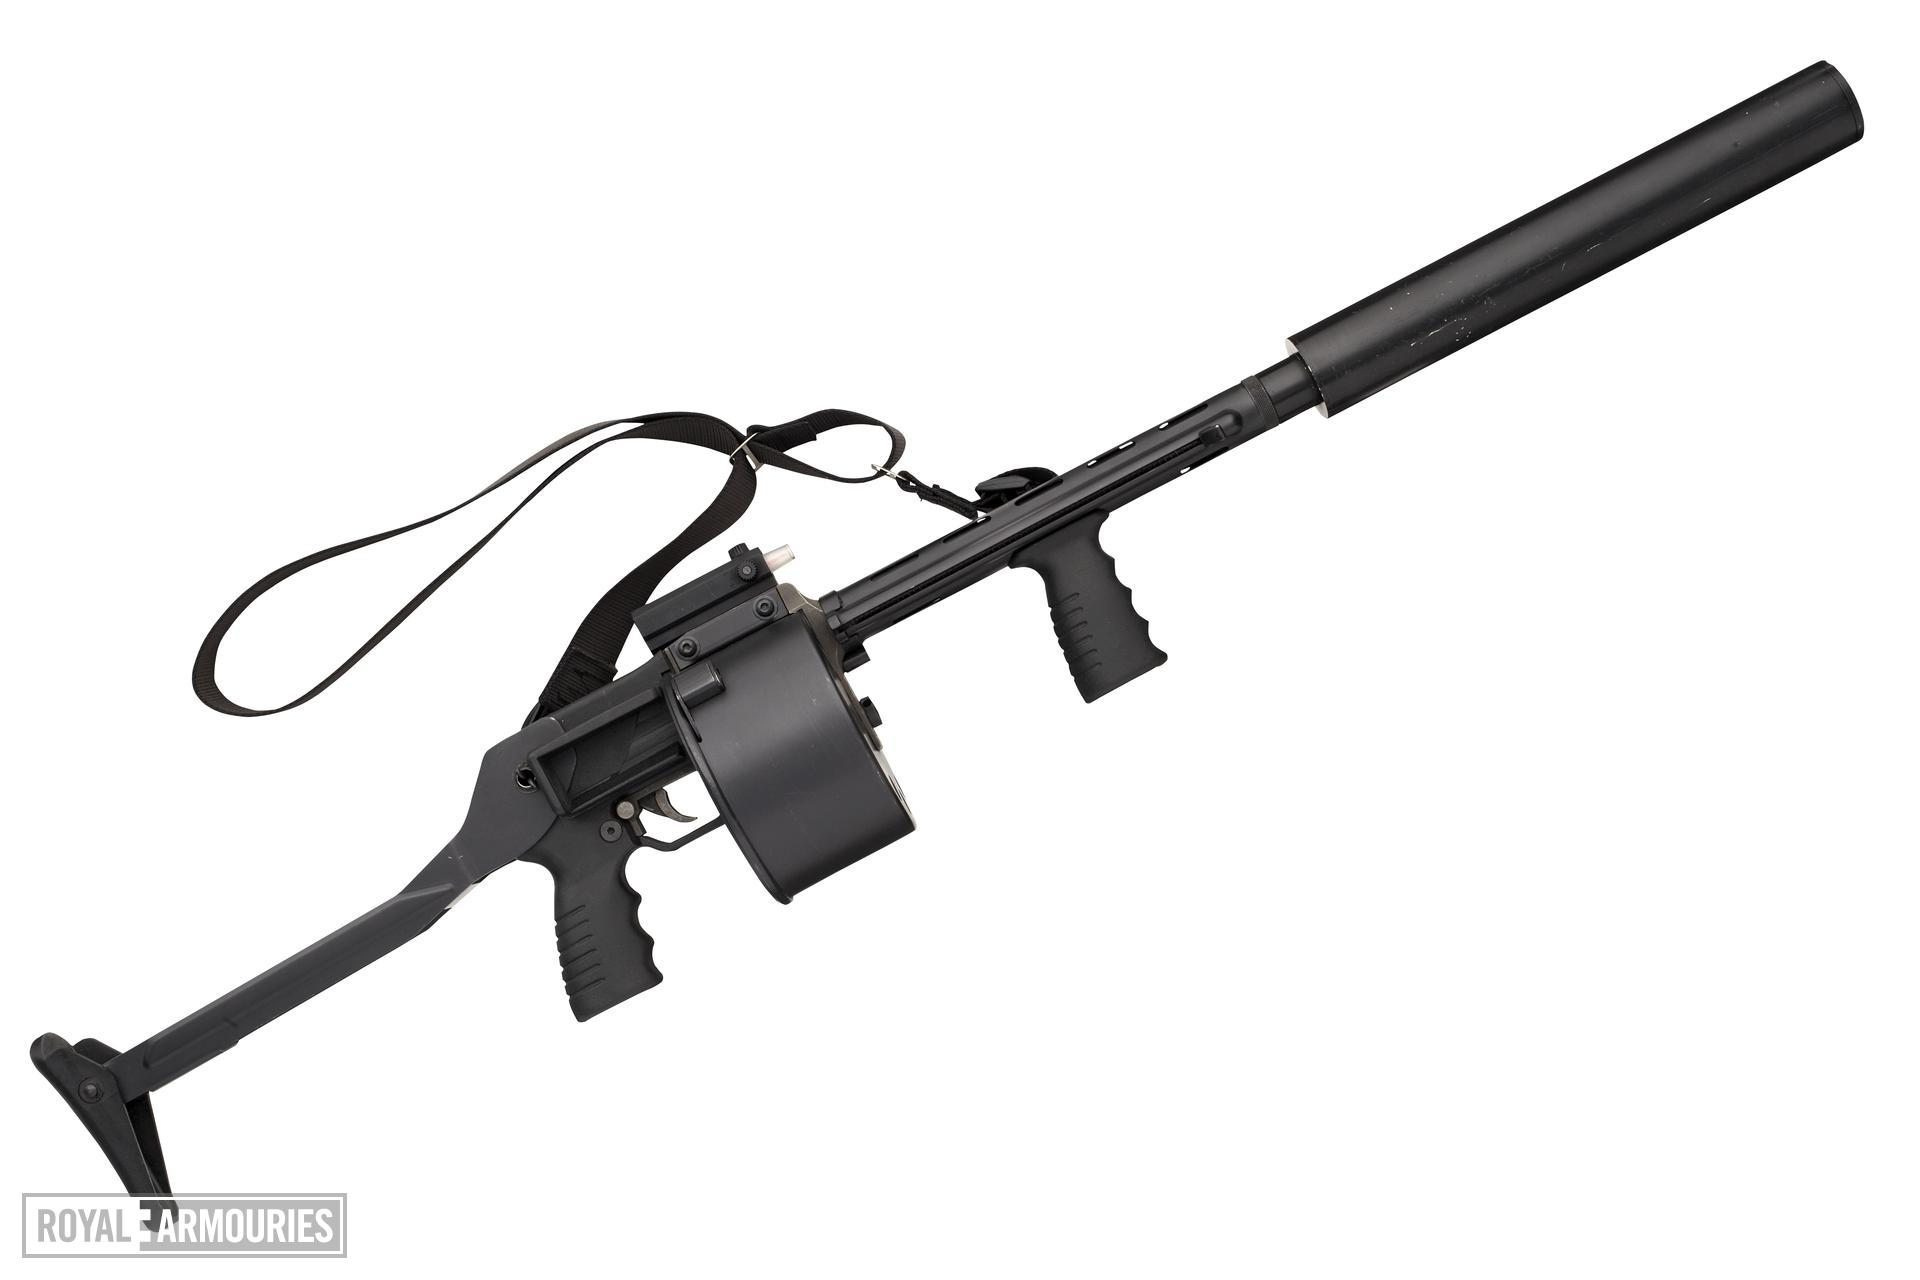 Centrefire repeating shotgun - Protecta